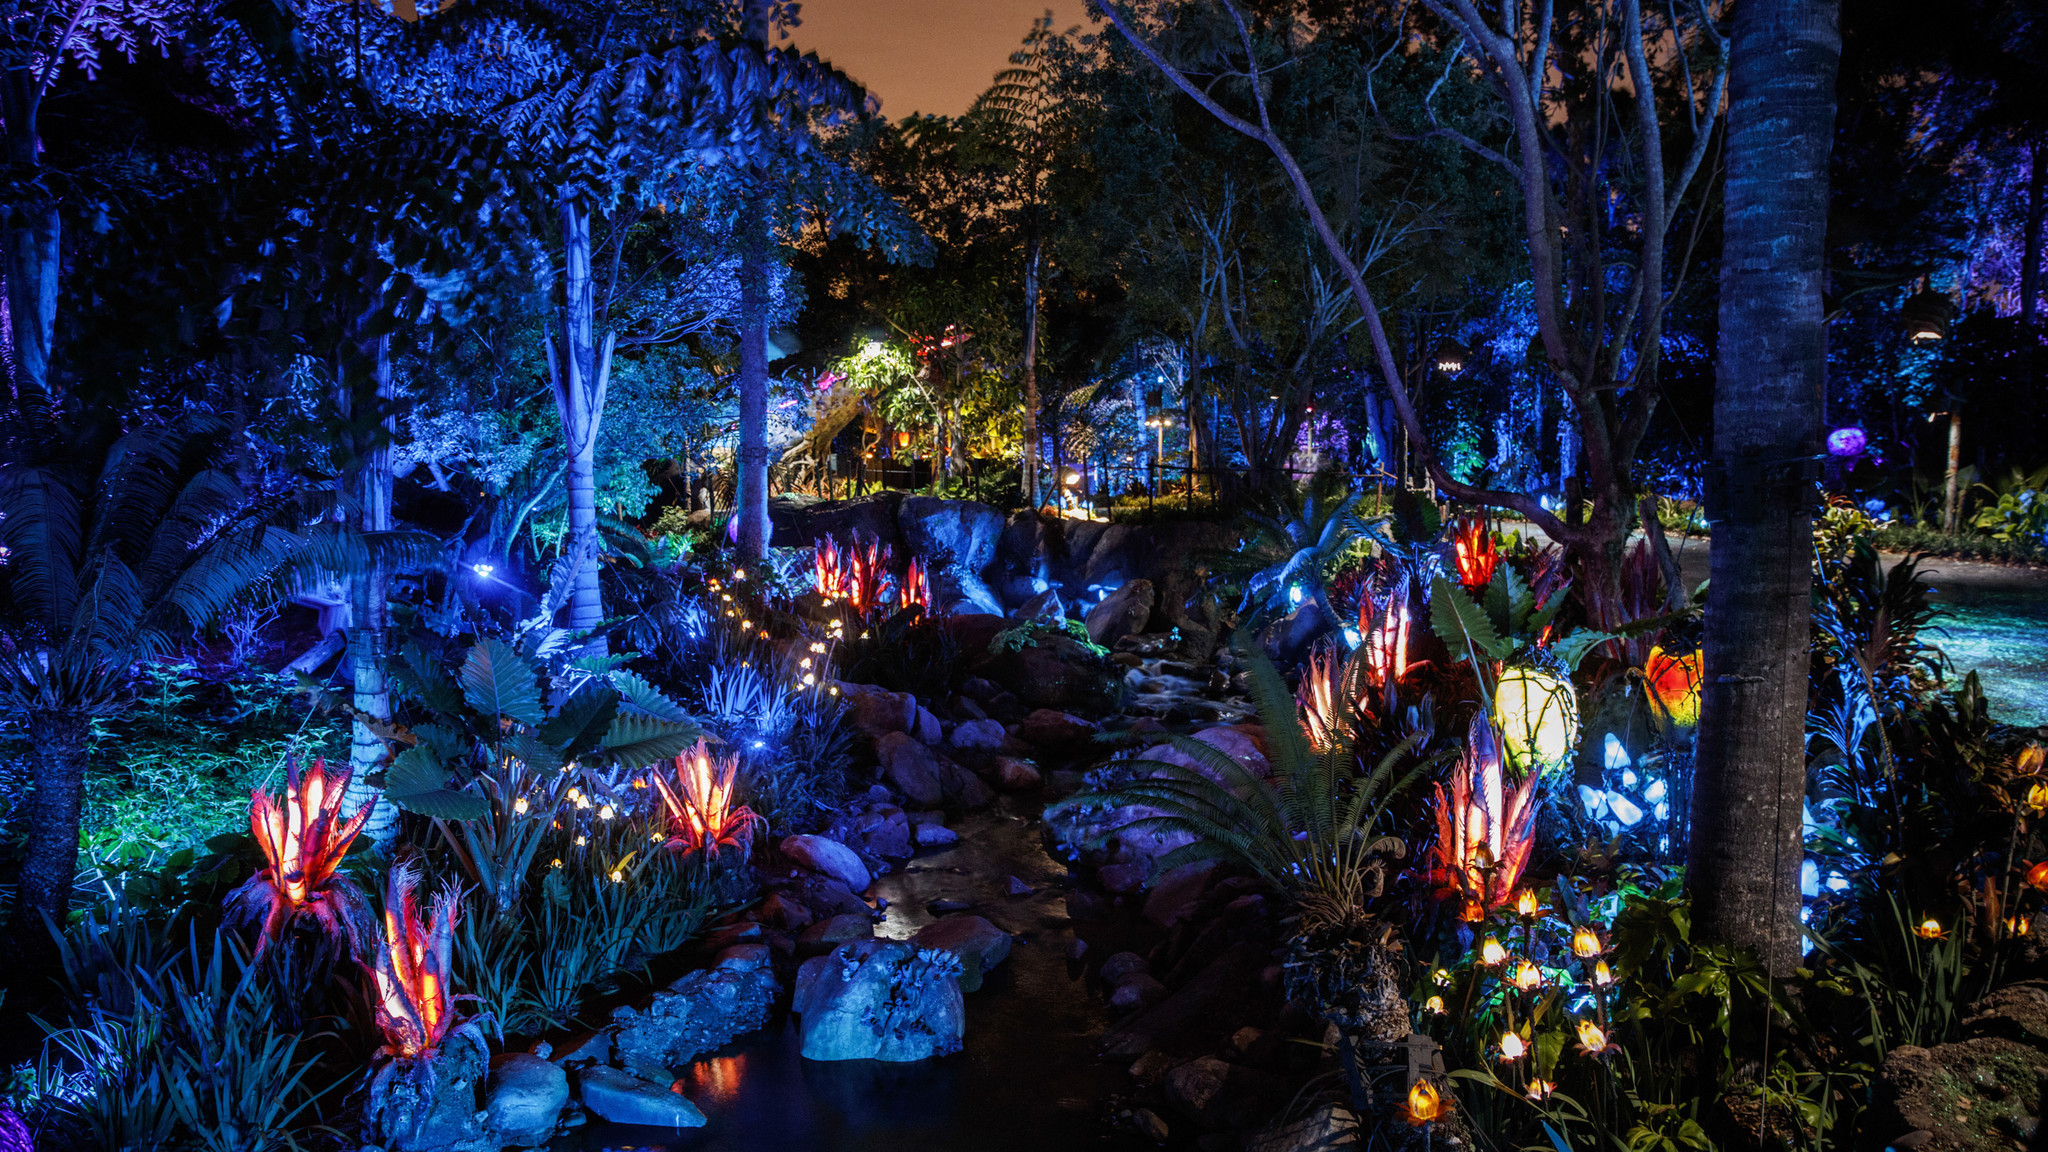 Pandora nature at night.